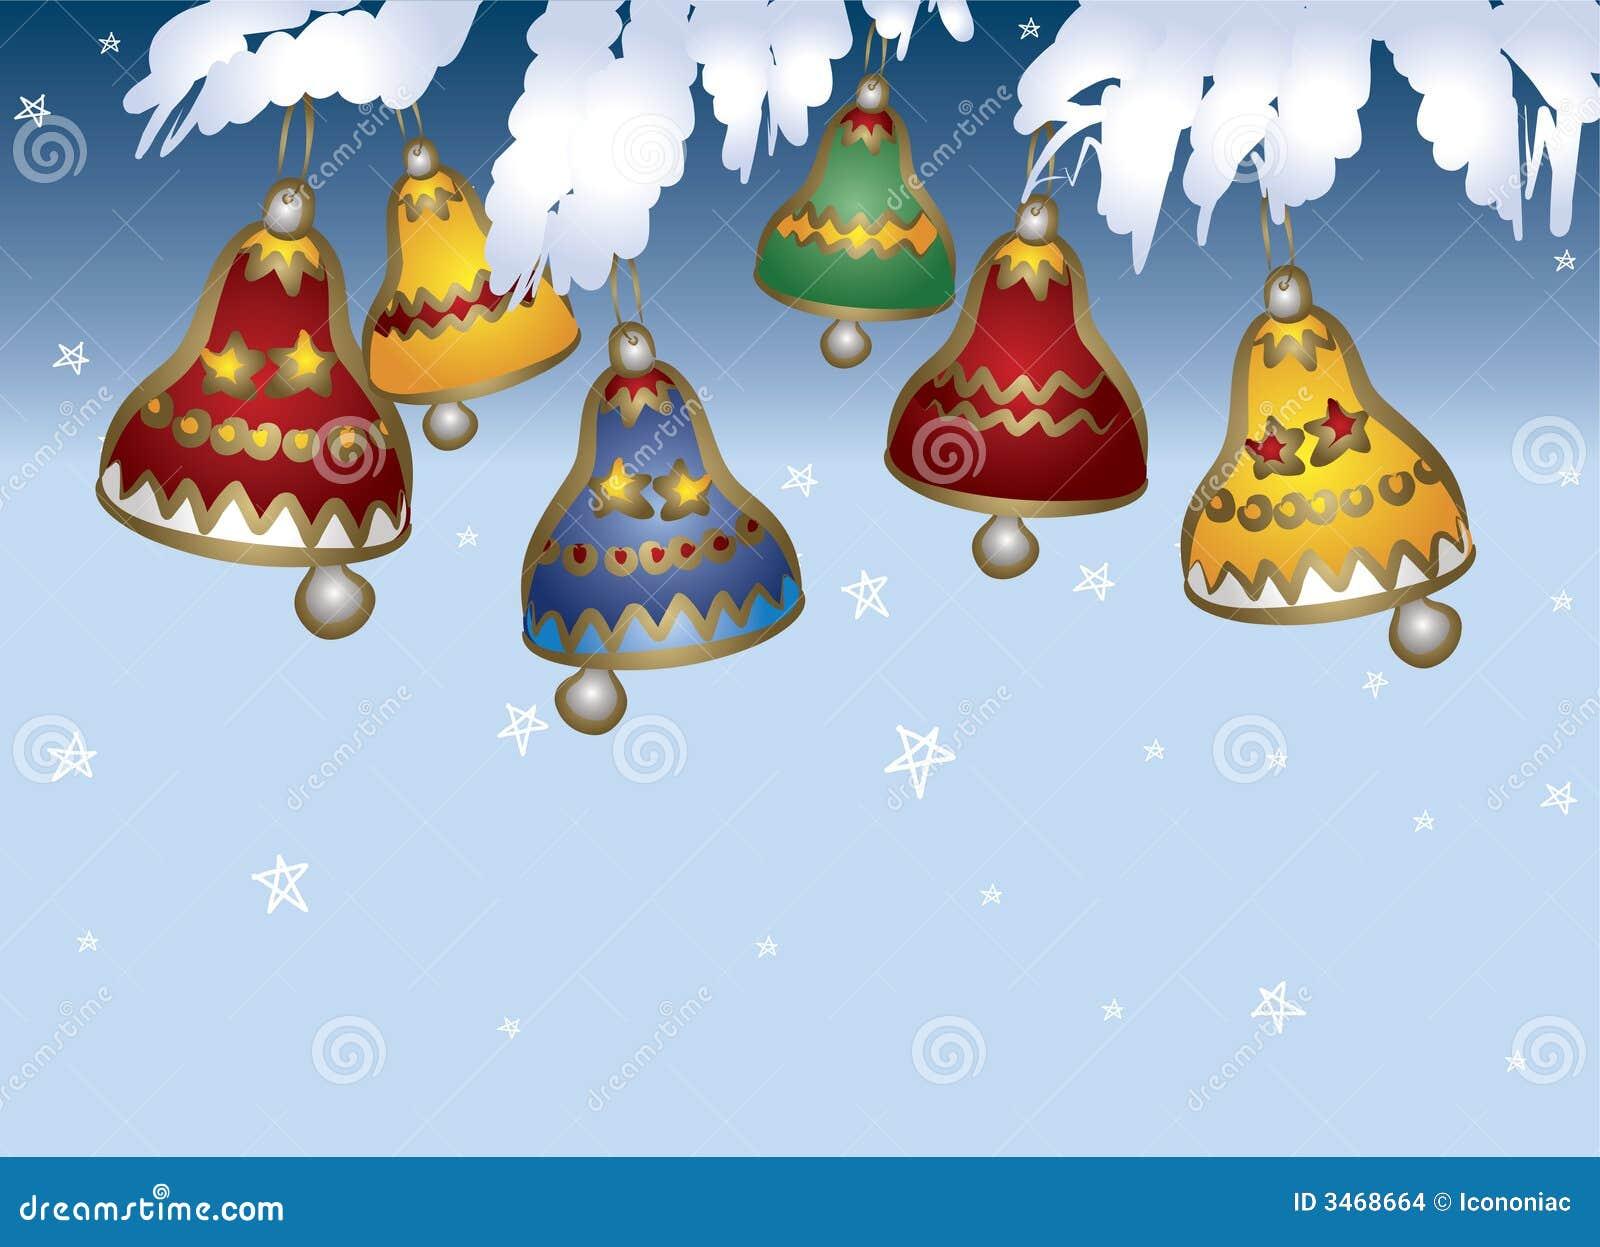 Sinos De Natal Coloridos Ilustração Do Vetor. Ilustração